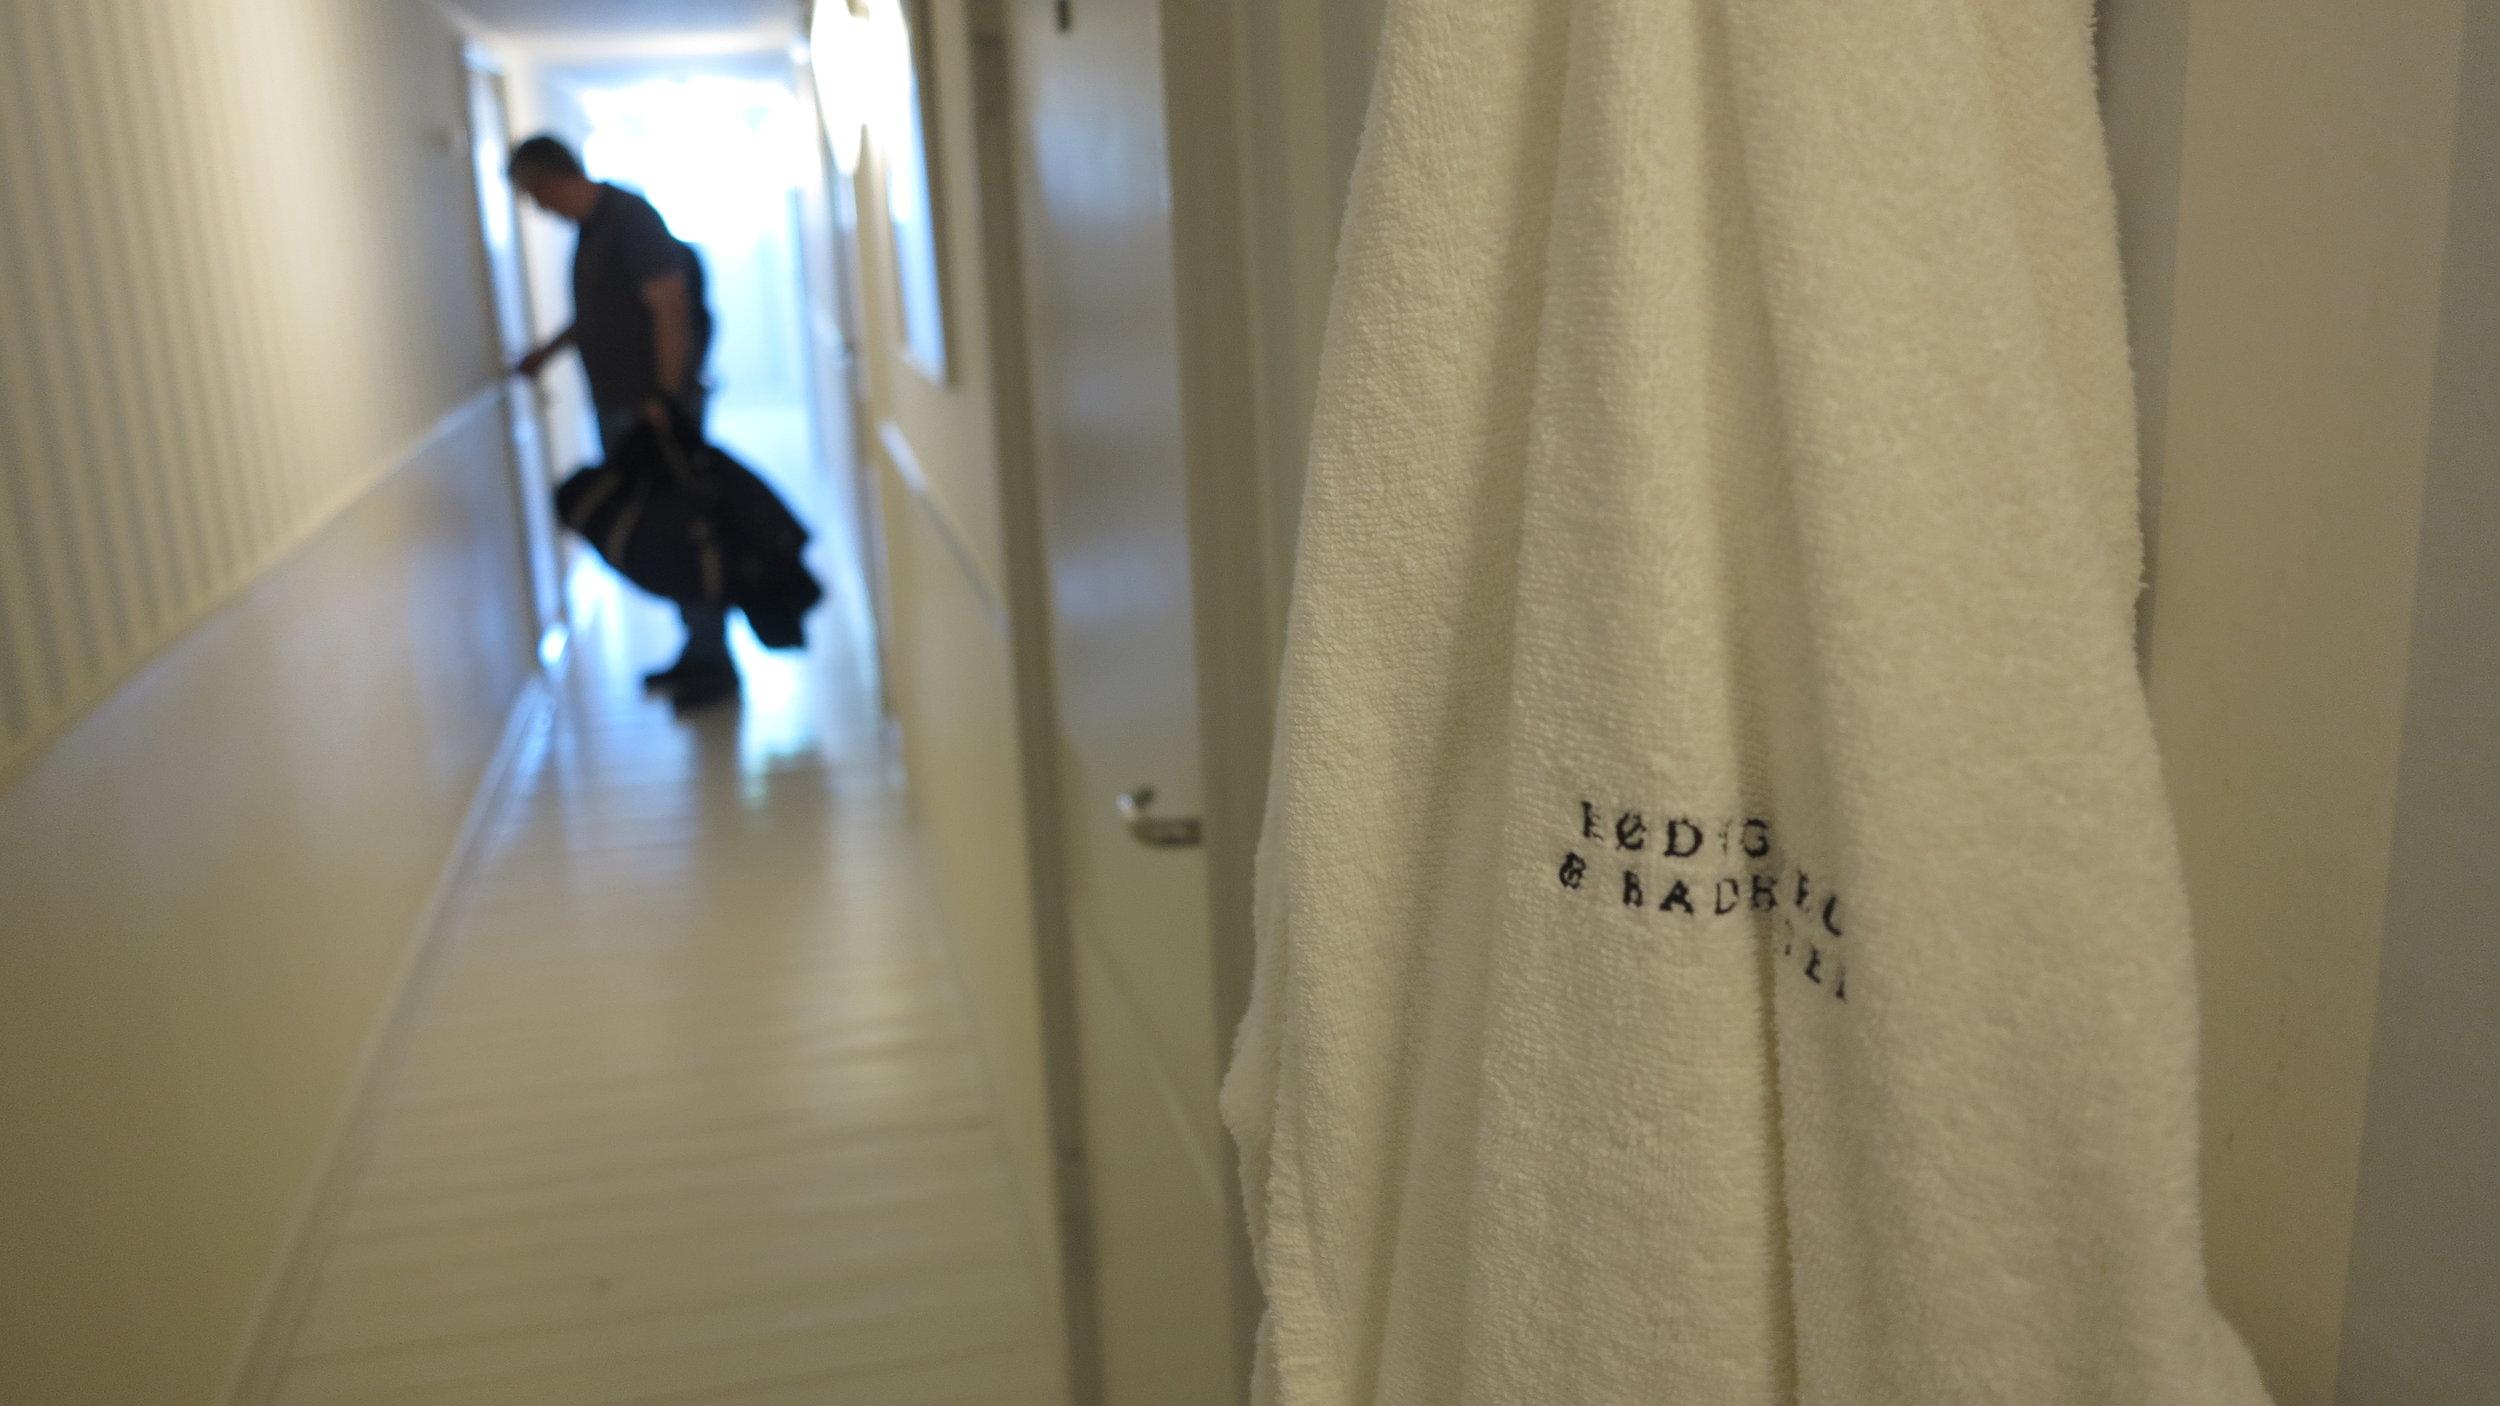 Zwischen den Zimmertüren hängen weiße Bademäntel für den schnellen Gang zum Meer